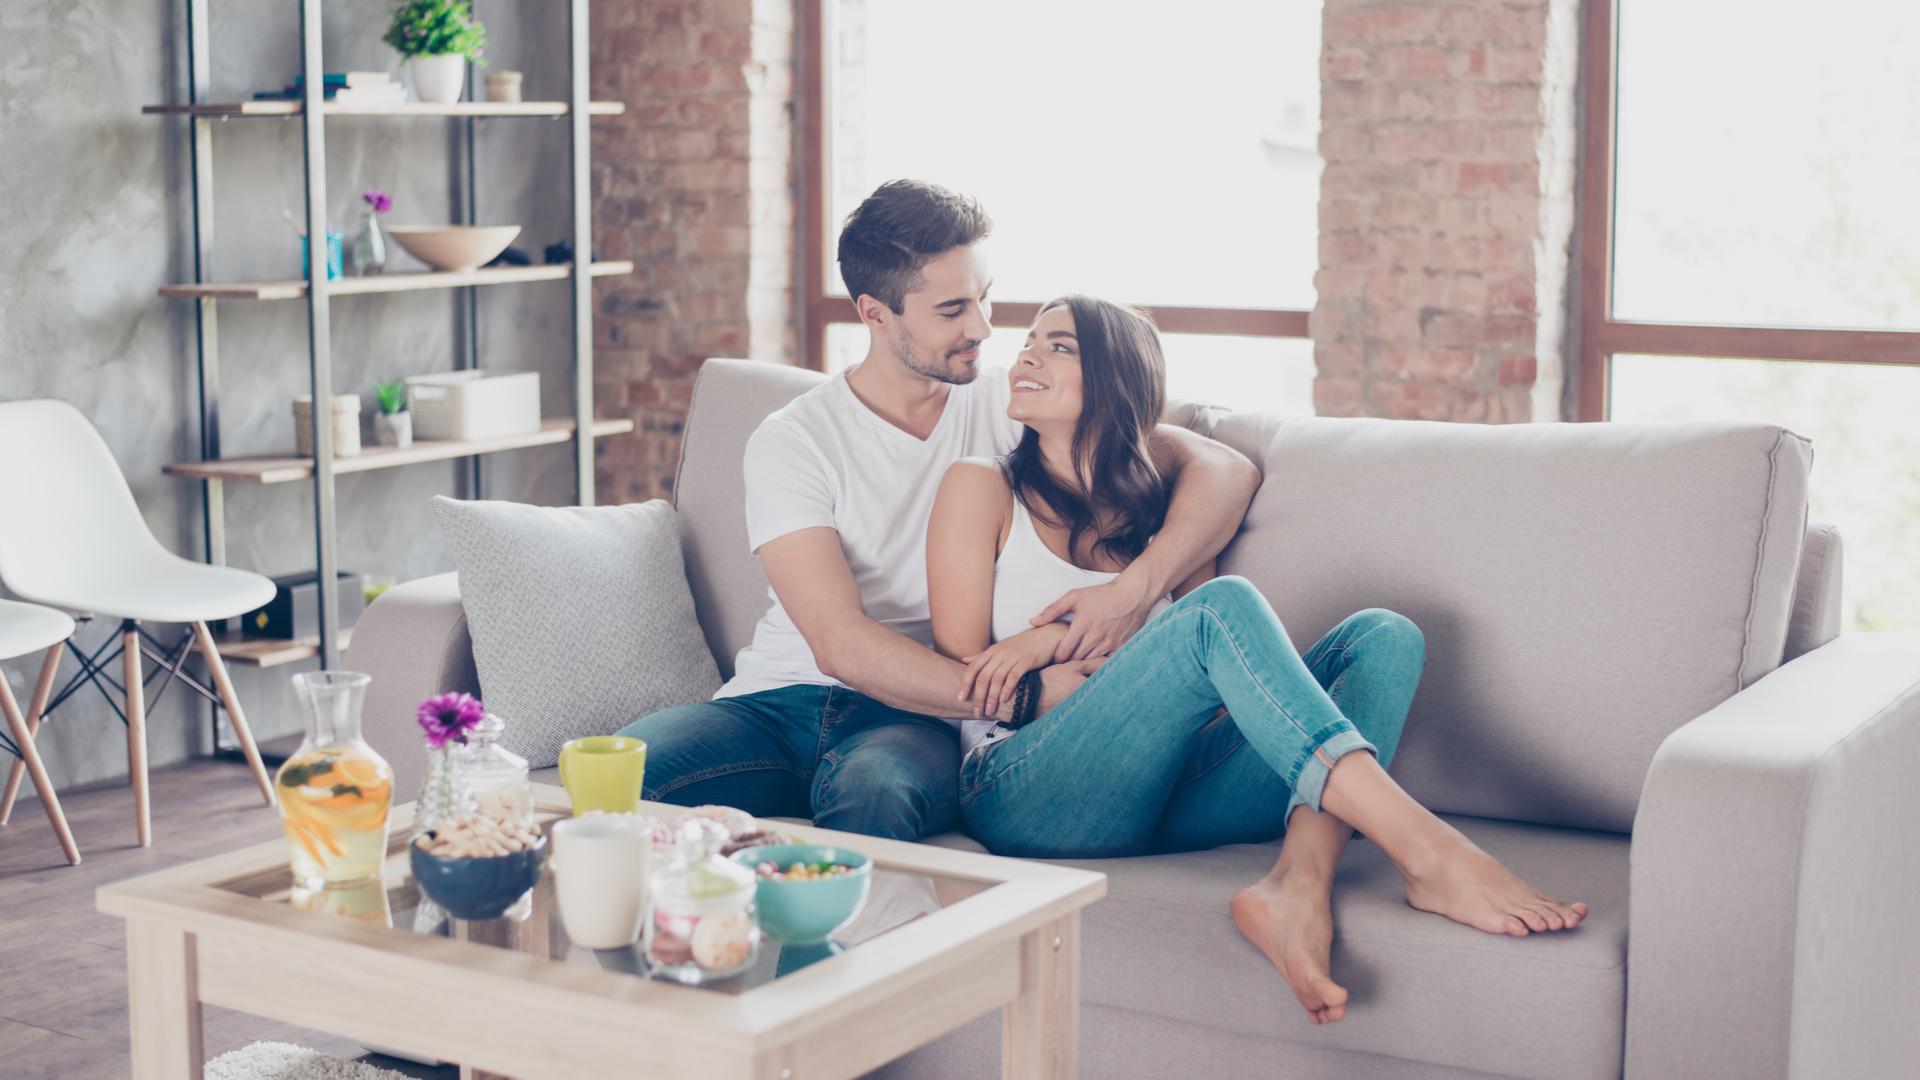 「プロポーズしてくれない…」彼が結婚を先延ばしにする5つの理由